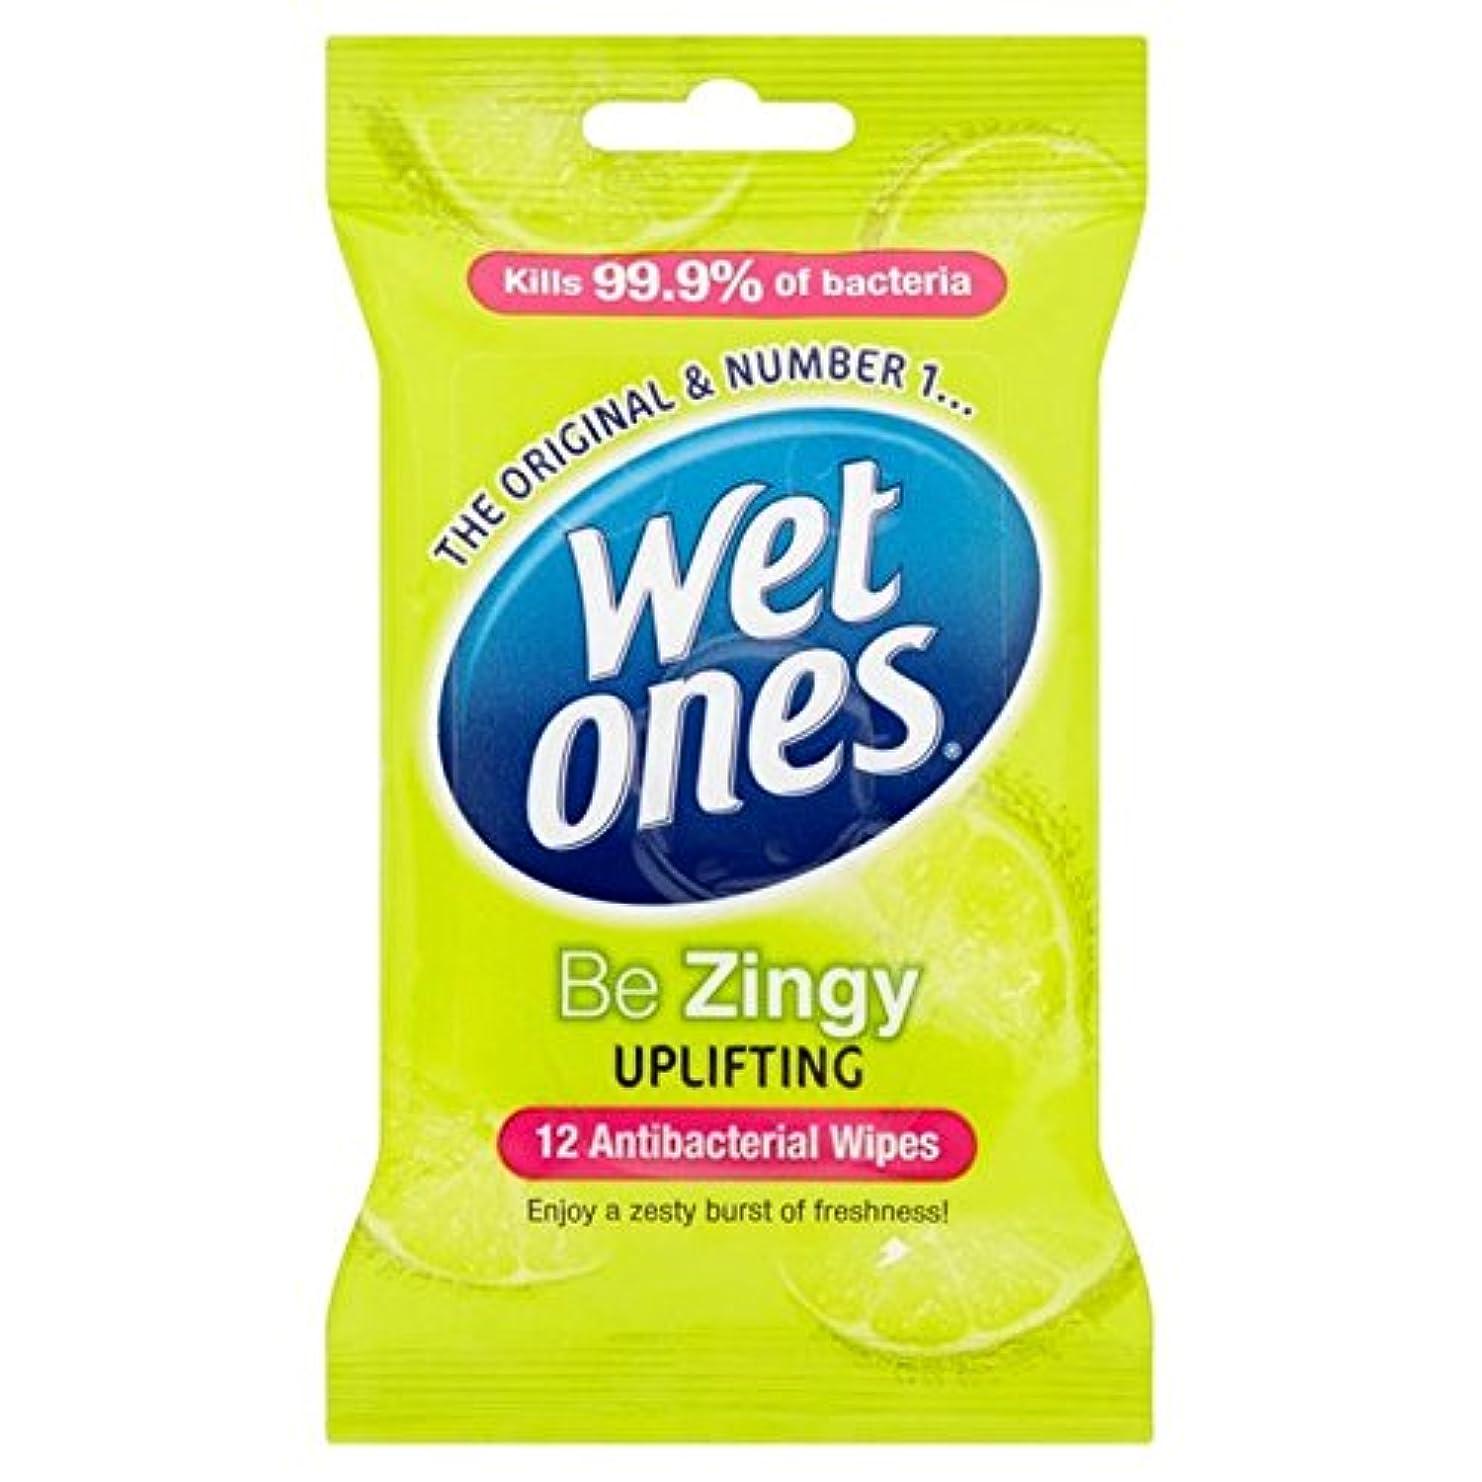 位置づける約束する緩める抗バクテリアをクレンジング湿ったものはパックごとに12ワイプ x4 - Wet Ones Cleansing Anti Bacterial Wipes 12 per pack (Pack of 4) [並行輸入品]